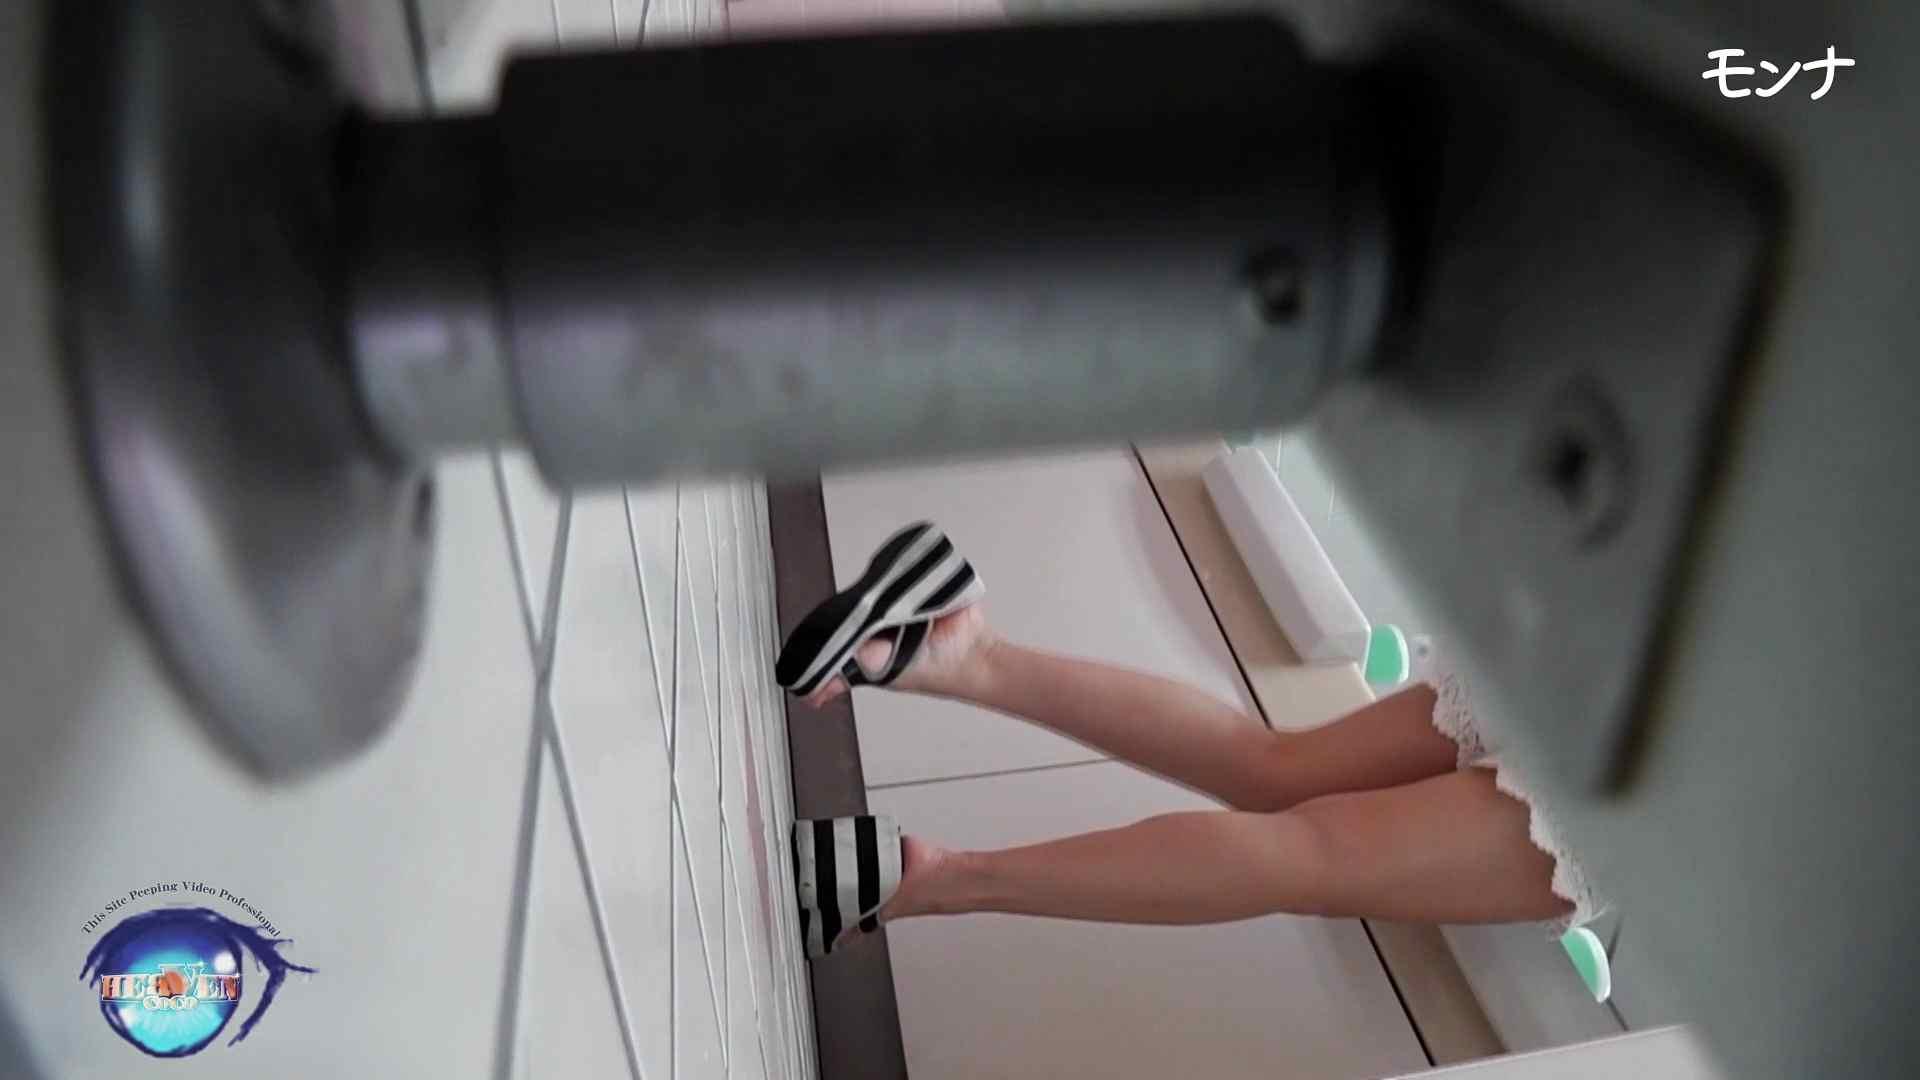 【美しい日本の未来】美しい日本の未来 No.75 たまらないくびれ 2 生え茂る 女体盗撮 | 覗き  84連発 17